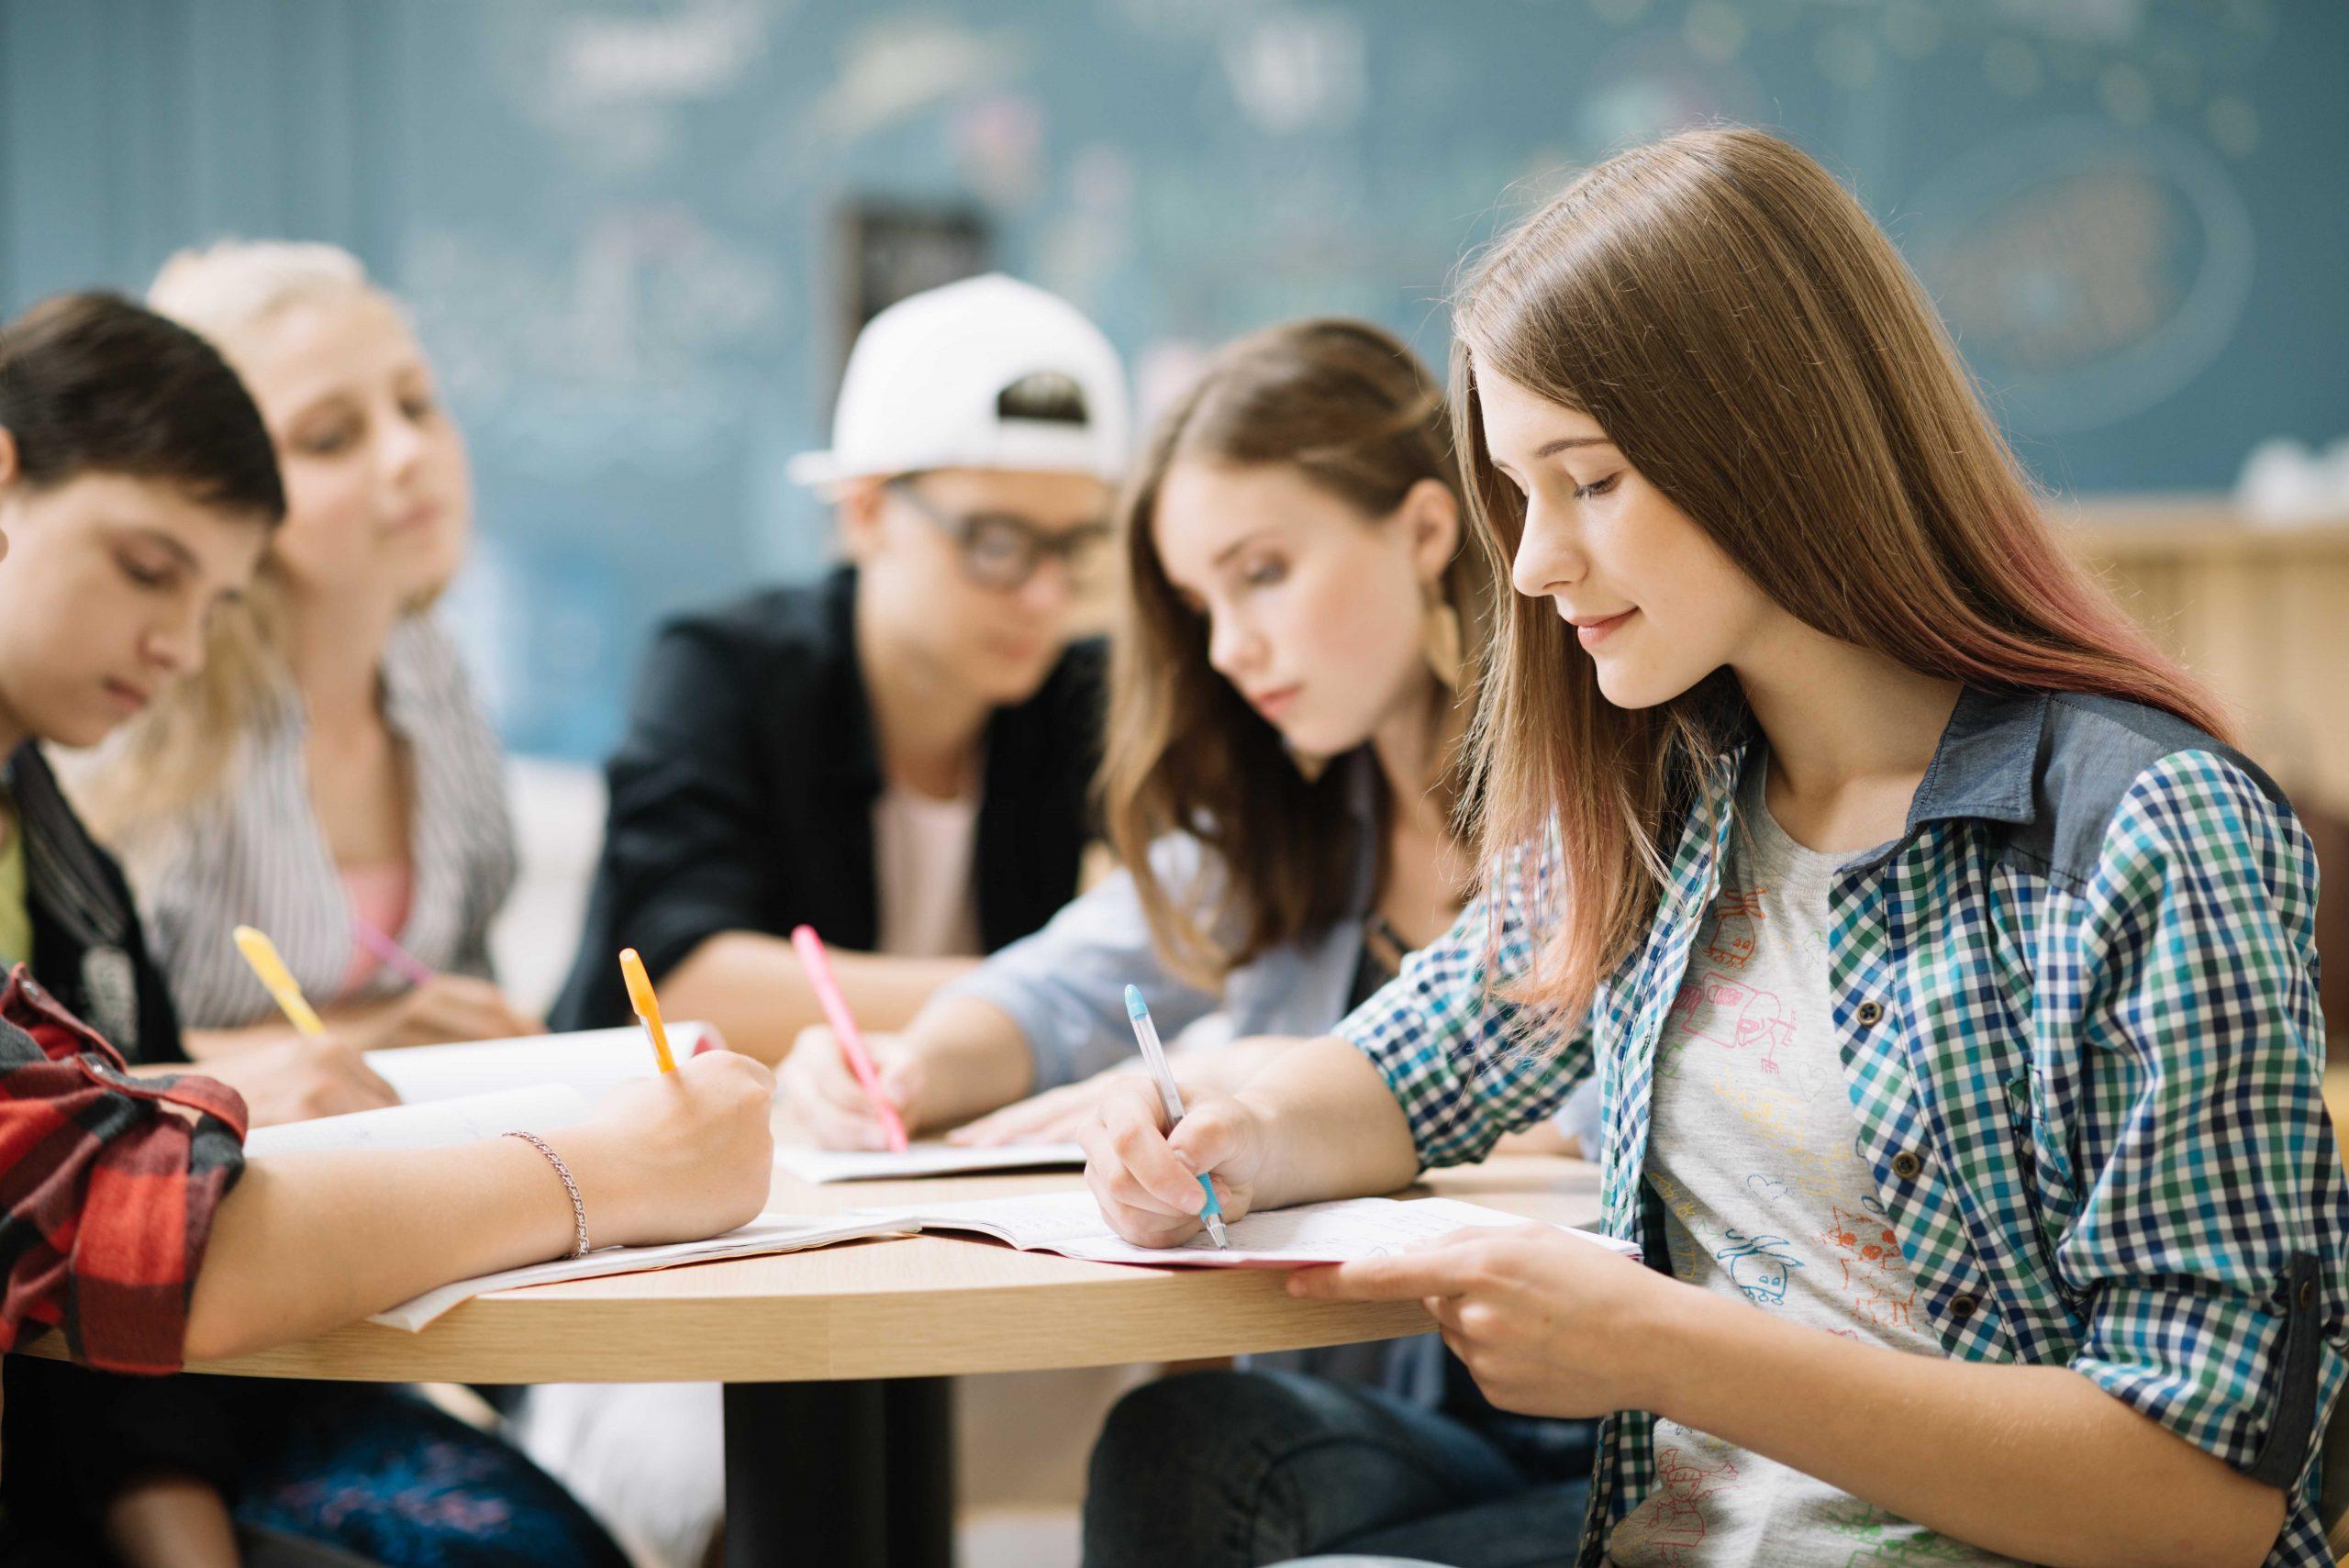 magyar érettségi felkészítő tanterem